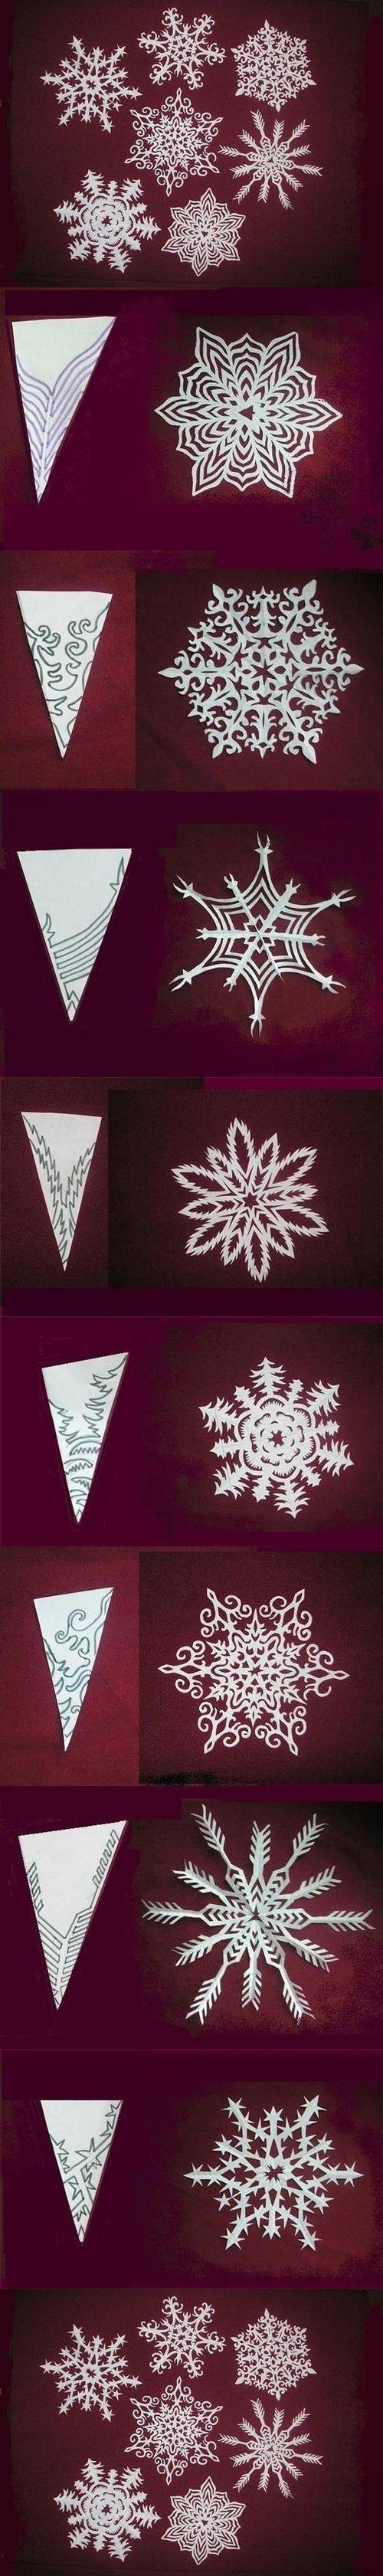 Weinachtssterne | Weihnachtsideen | Pinterest | Weihnachten, Basteln ...